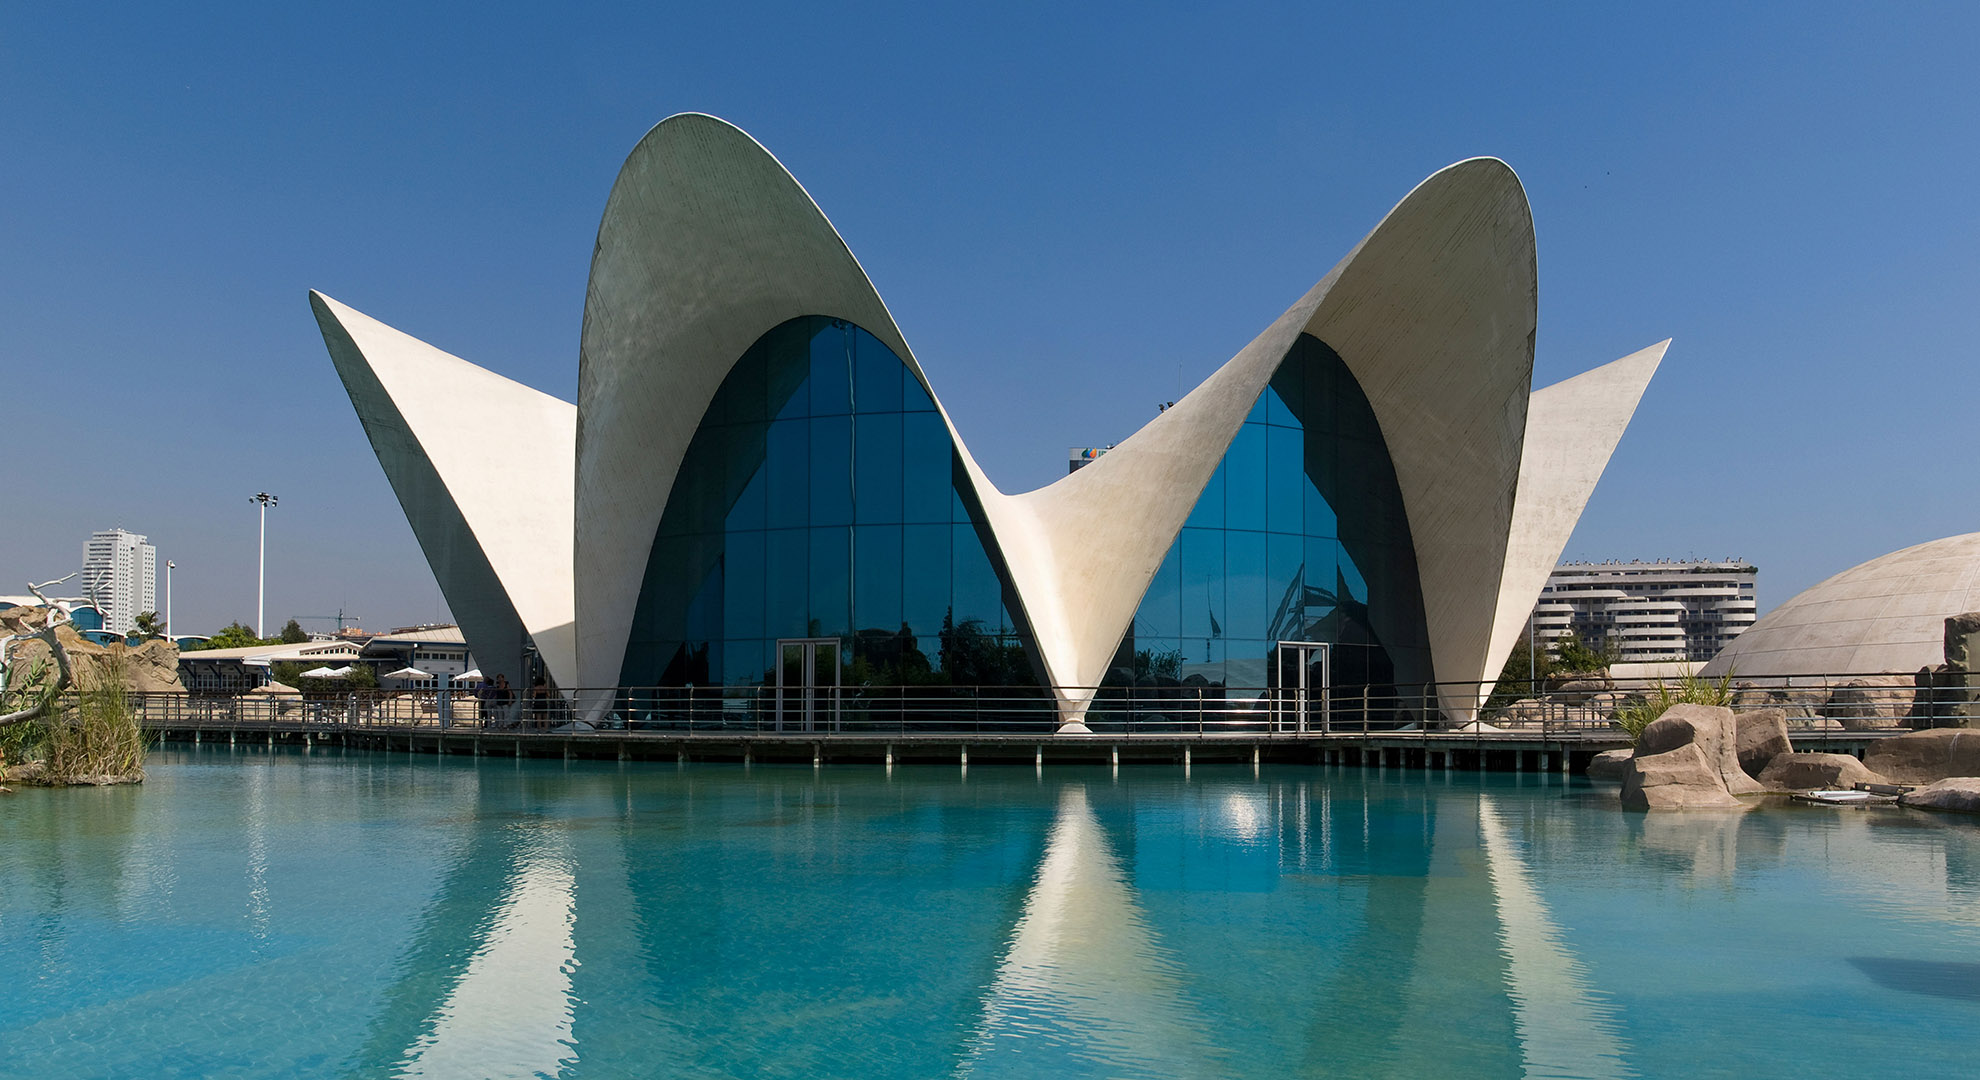 Aquarium architecture in Valencia